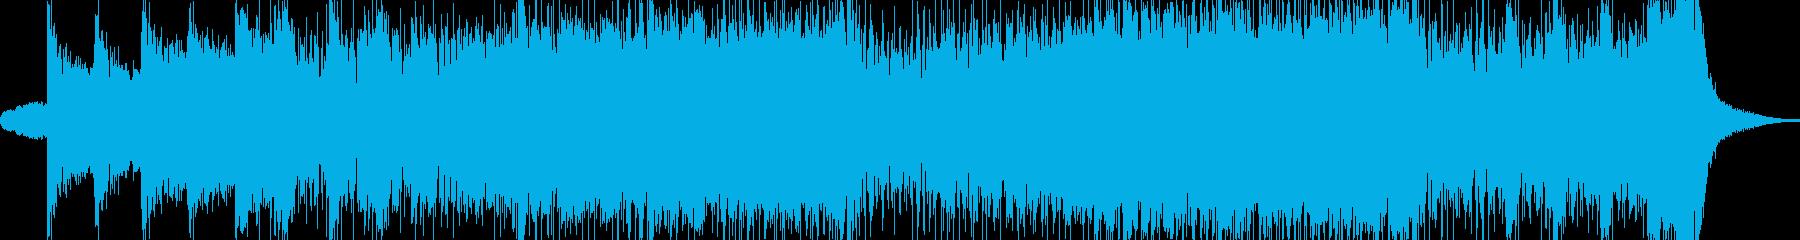 オーケストラで華麗な曲の再生済みの波形